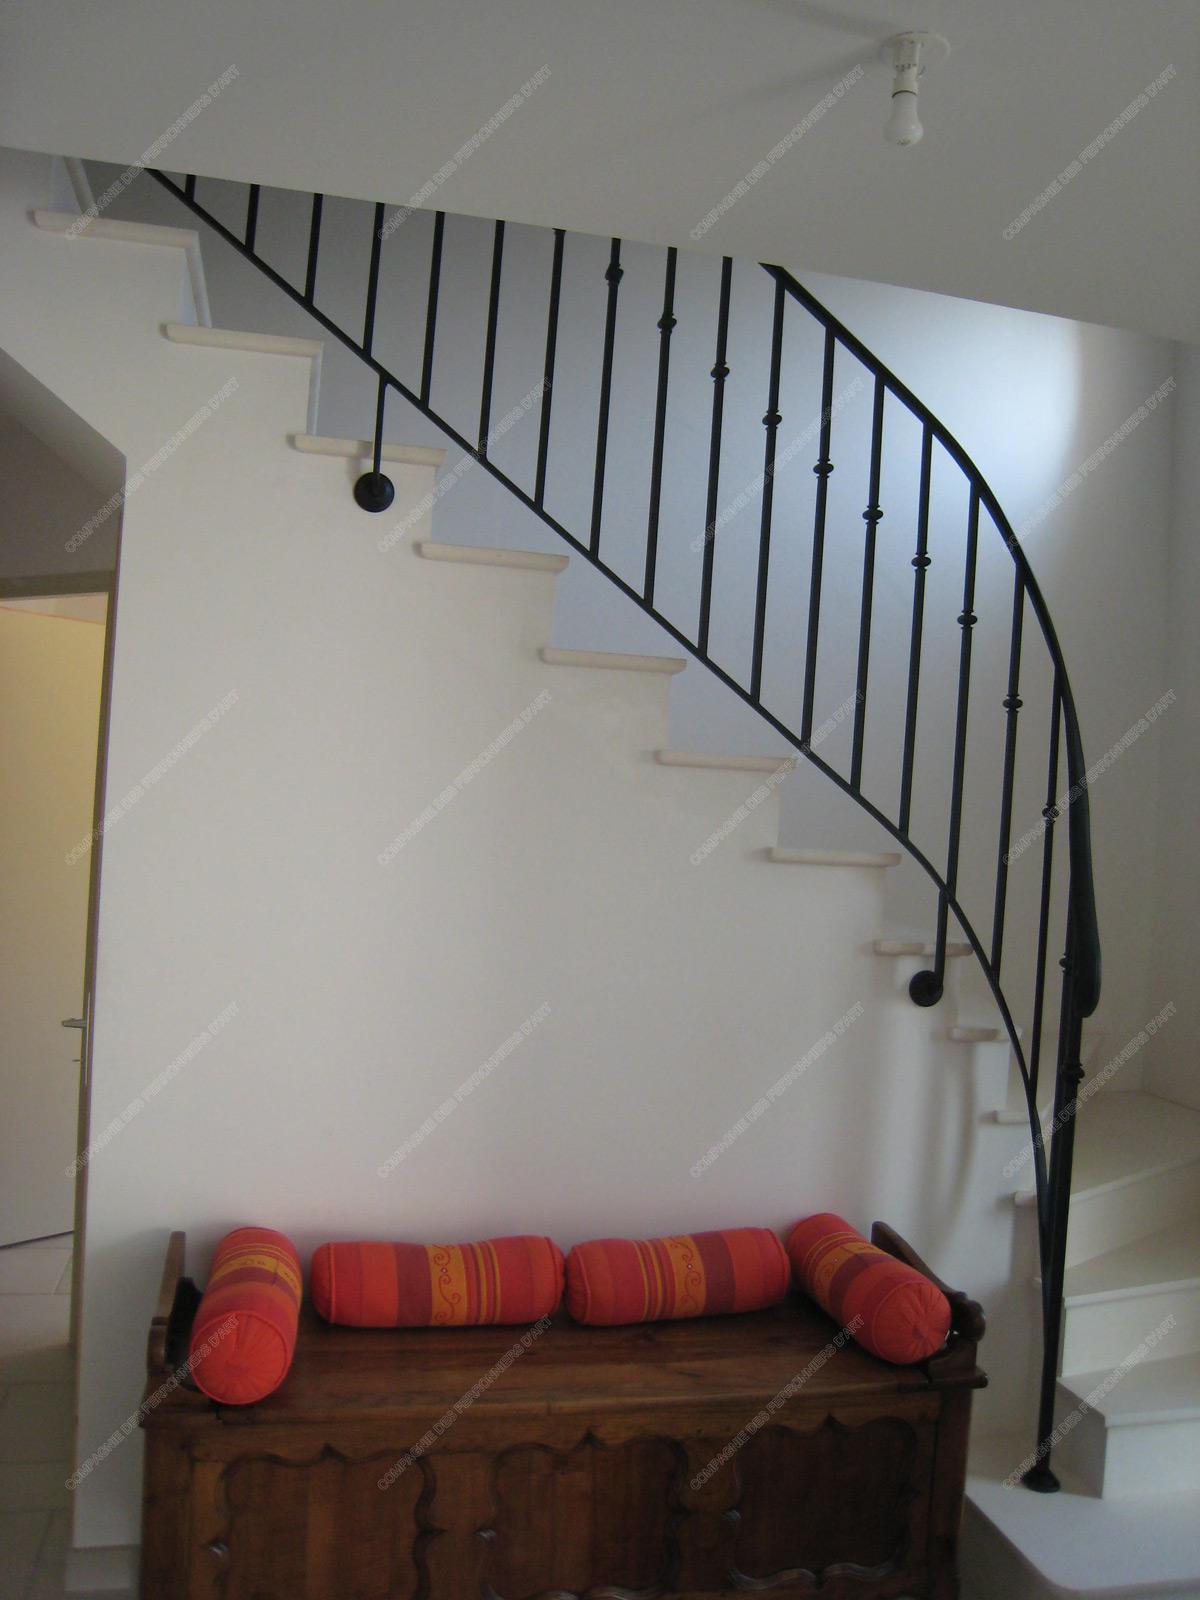 Rampes d\'escalier en fer forgé Design fonctionnel : Modèle Barreaux